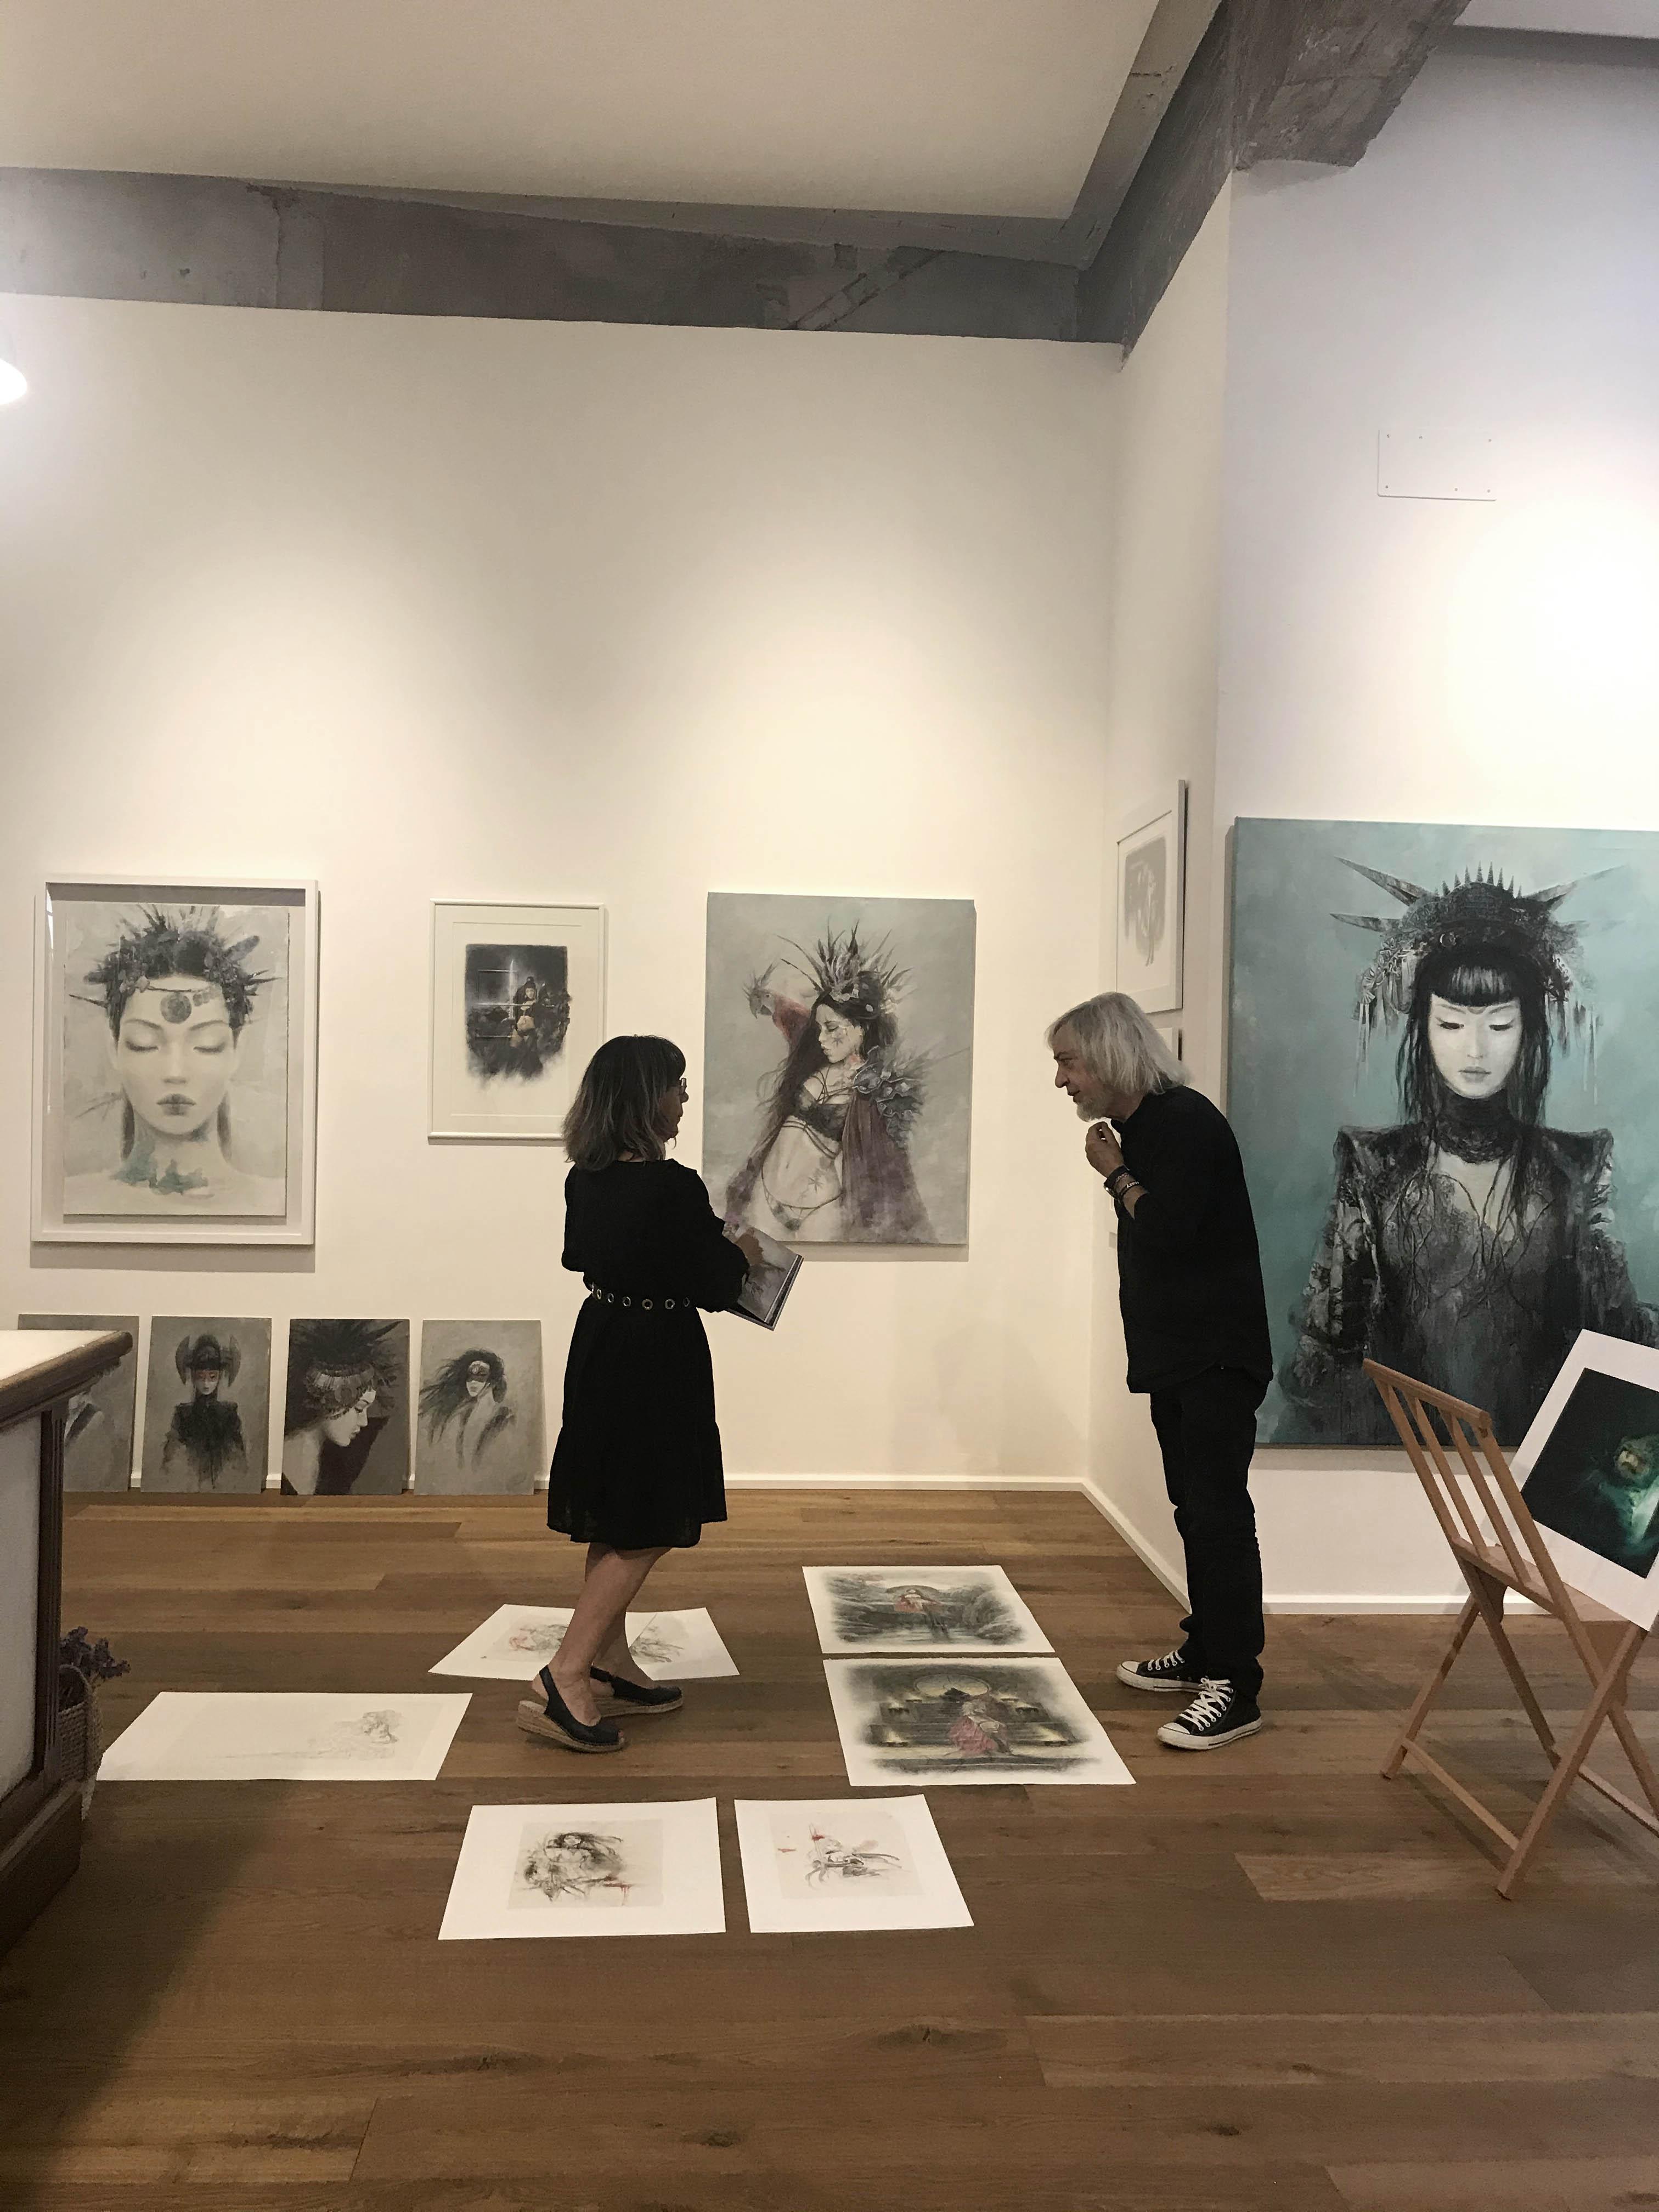 Fantastic_art_exhibition_Laberinto_gris_gallery_luis_royo_romulo_royo_3